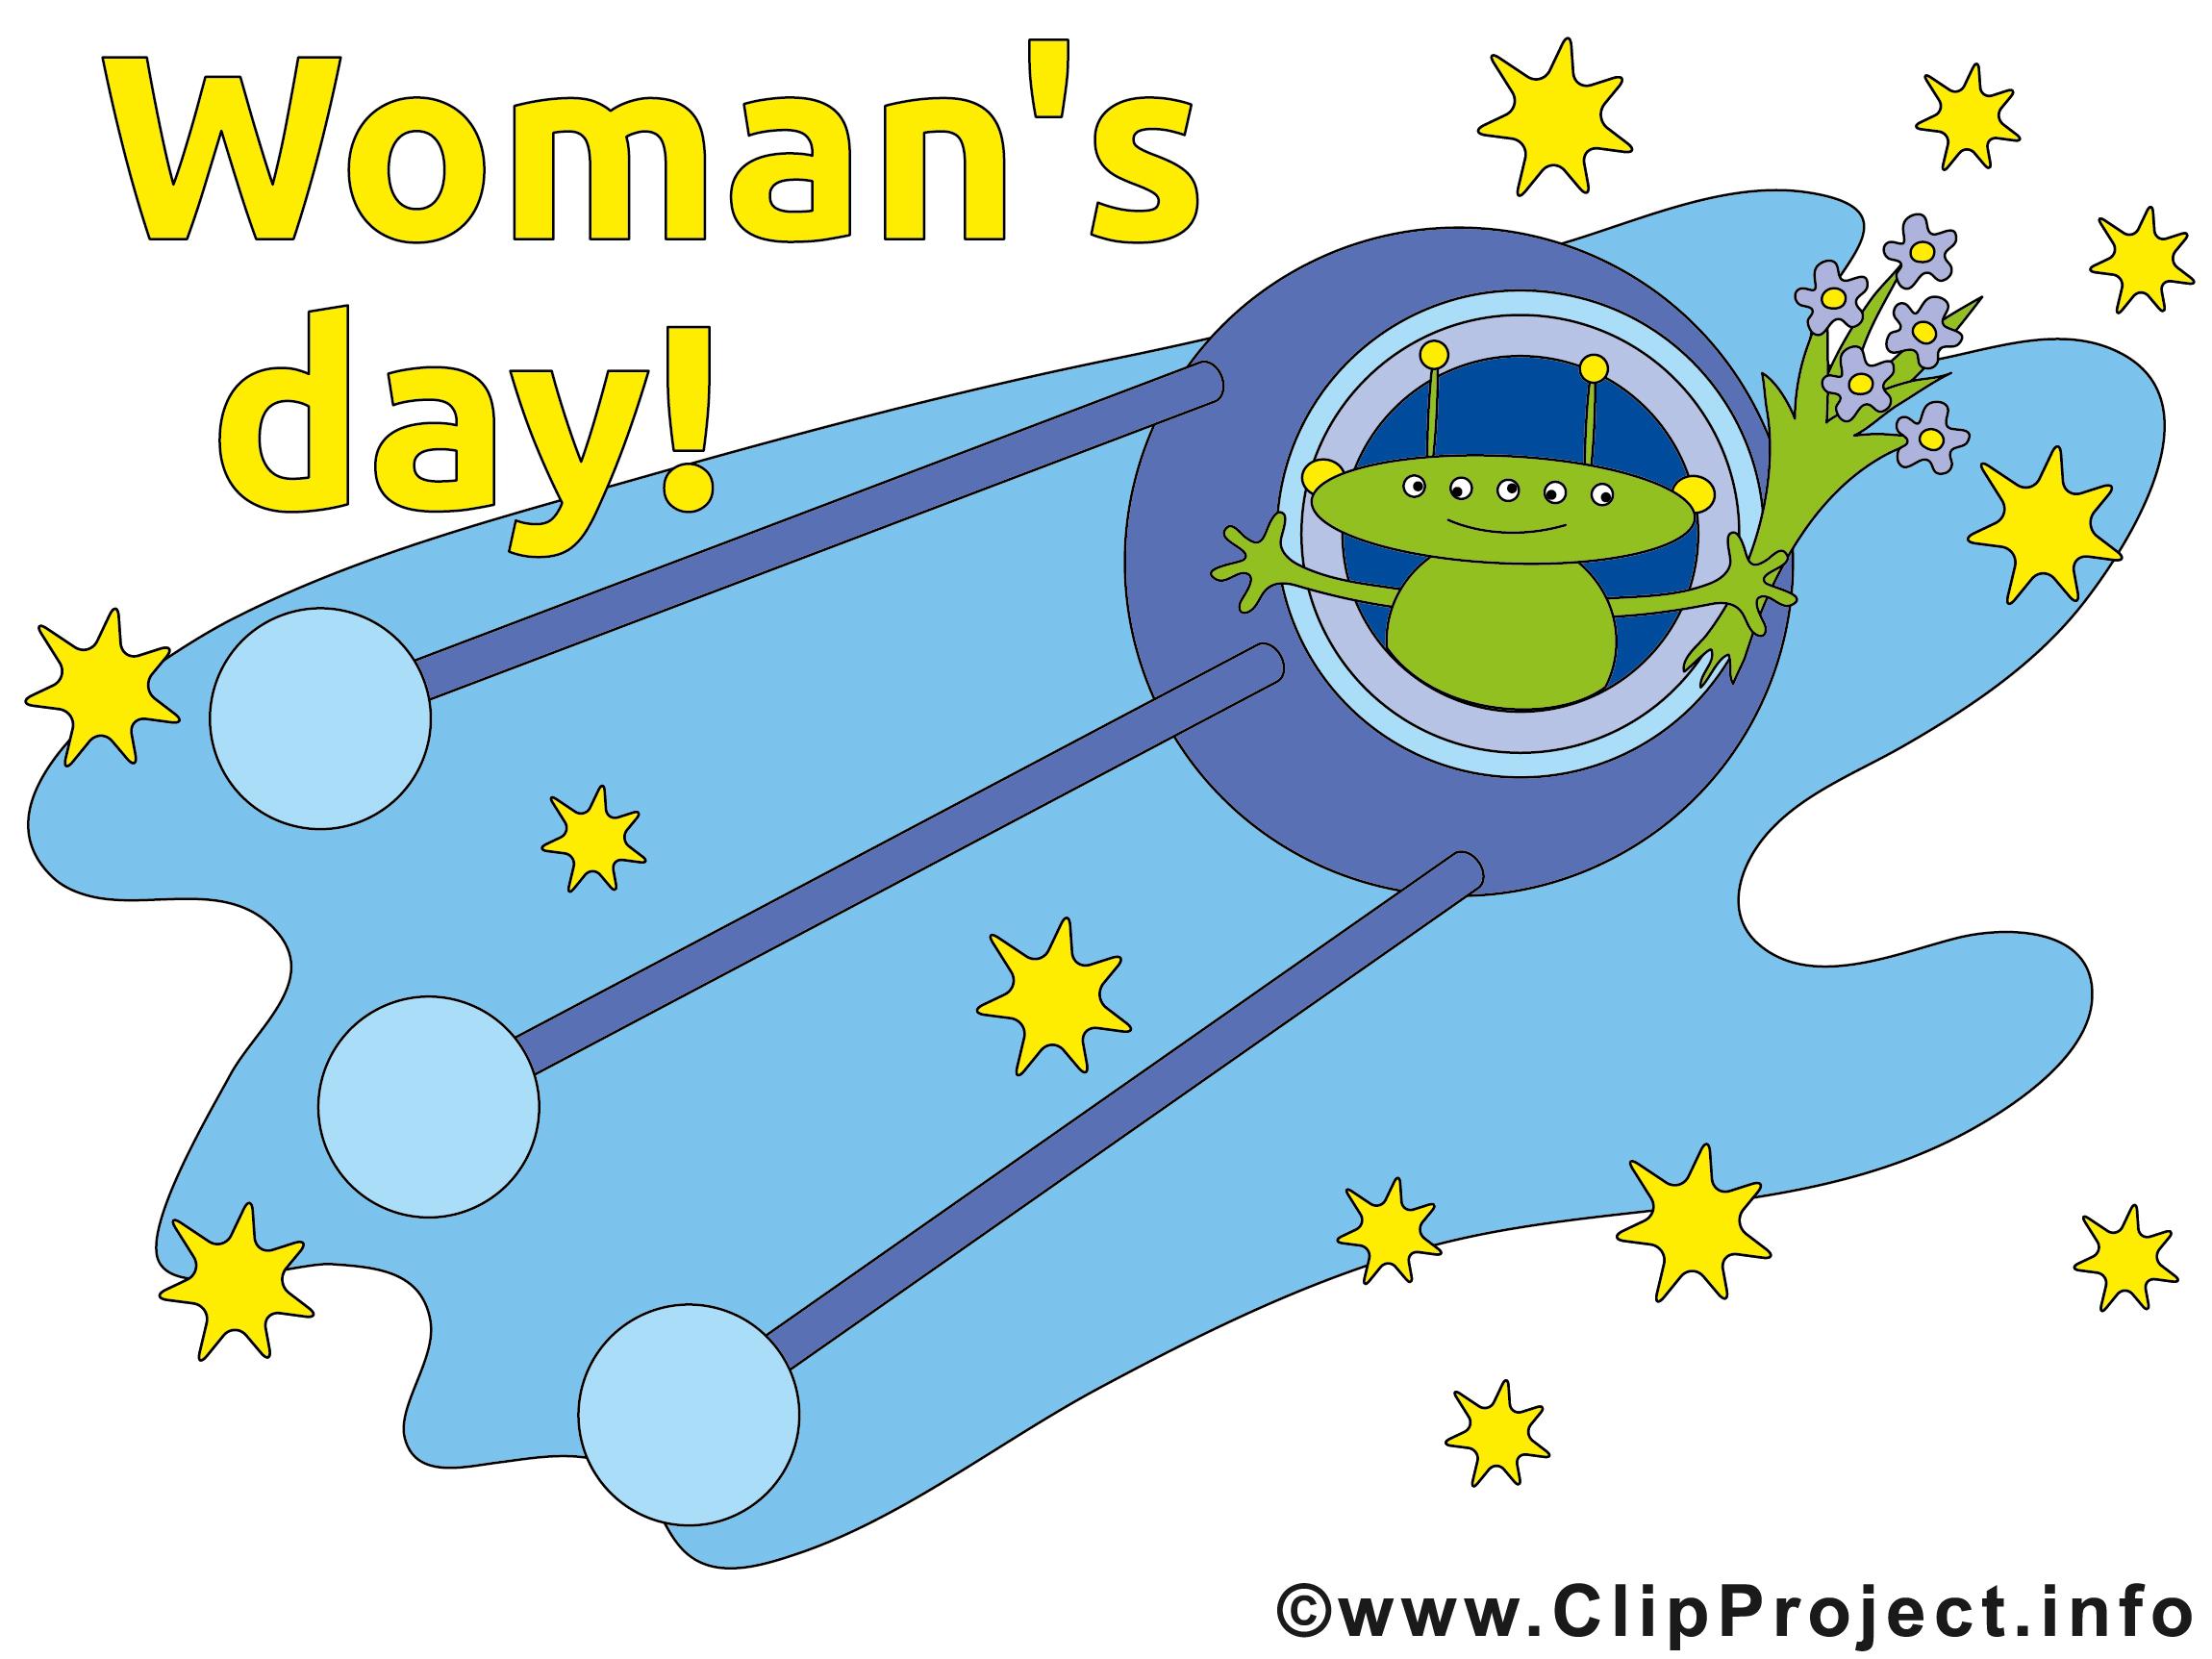 Kostenlose Karte zum Frauentag